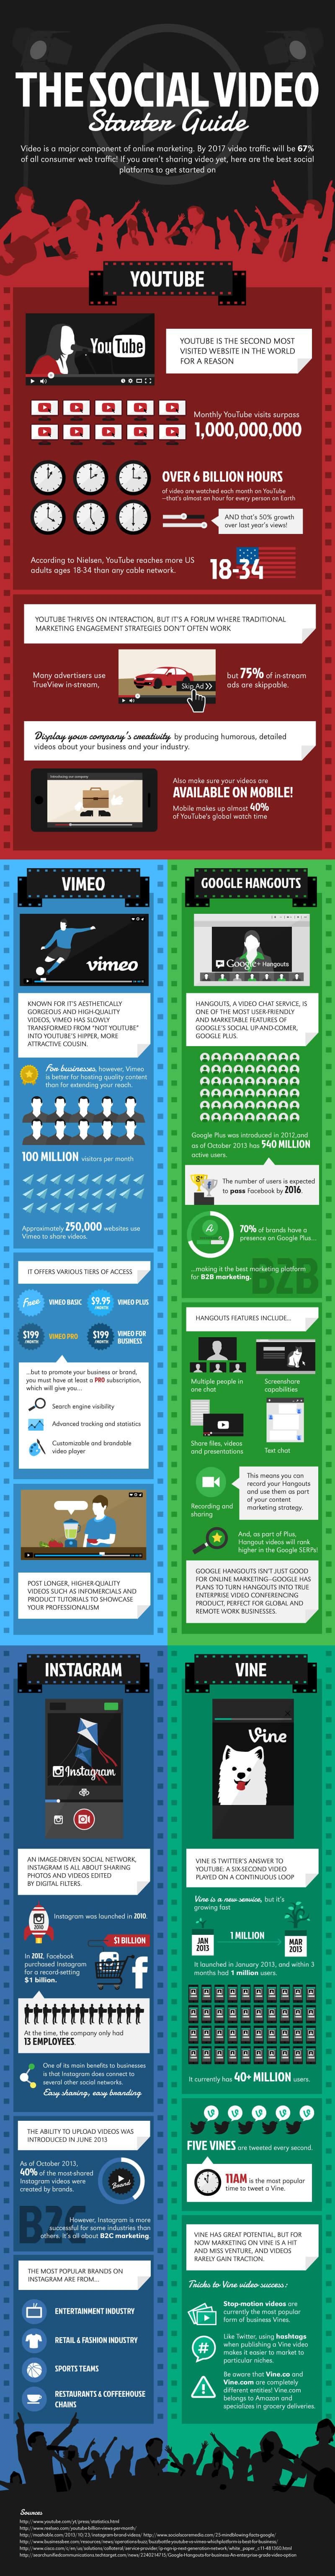 The Social Video Starter Guide